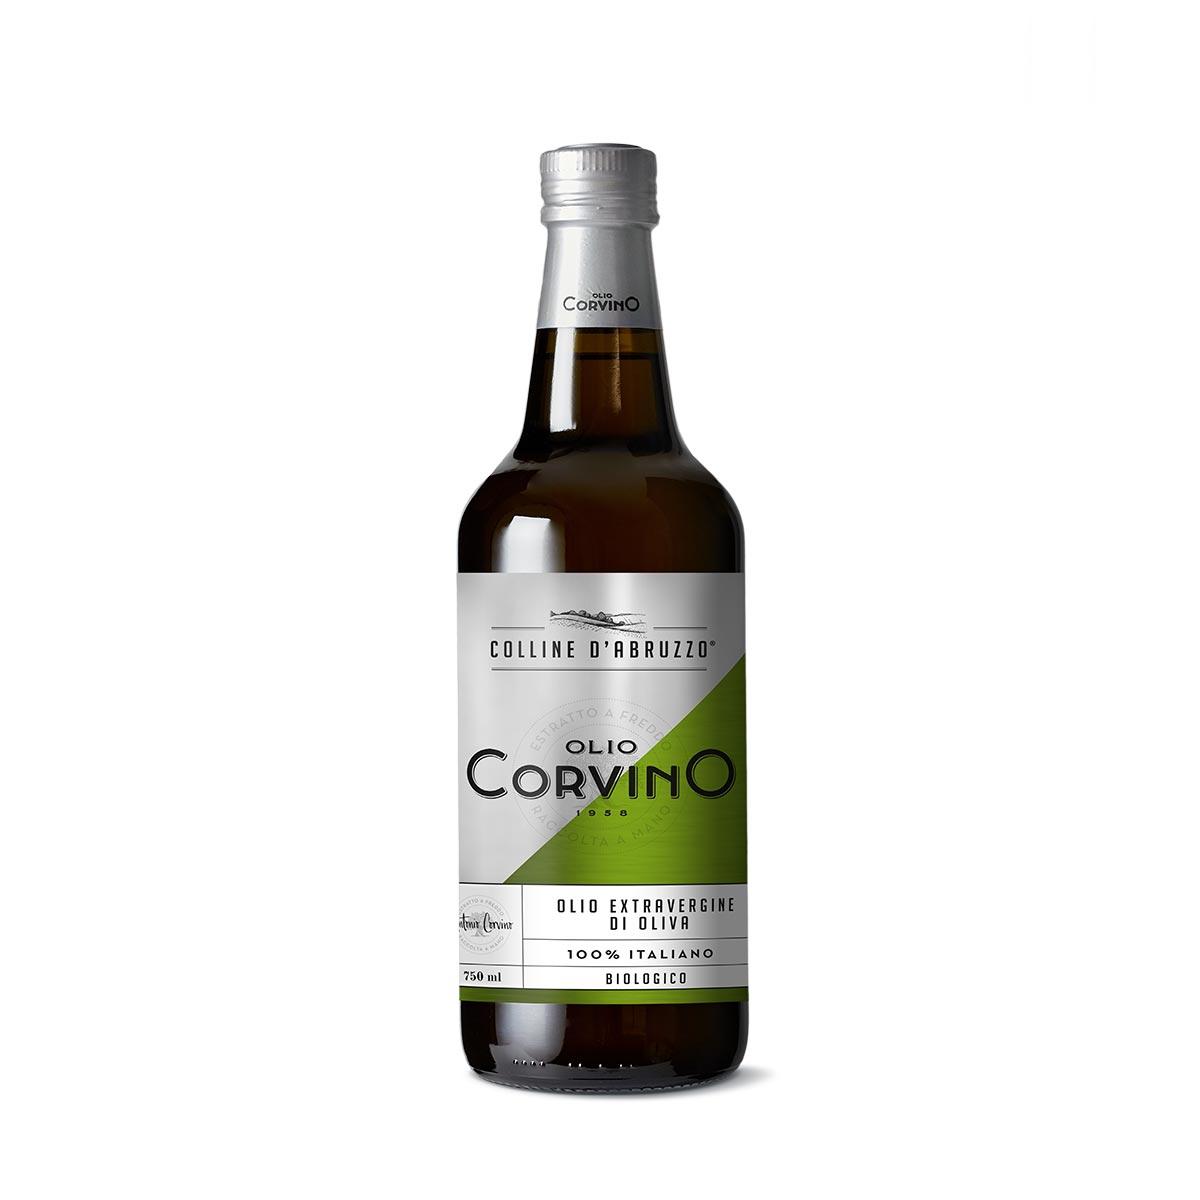 n.6 bottiglie Colline d'Abruzzo Biologico 750ml